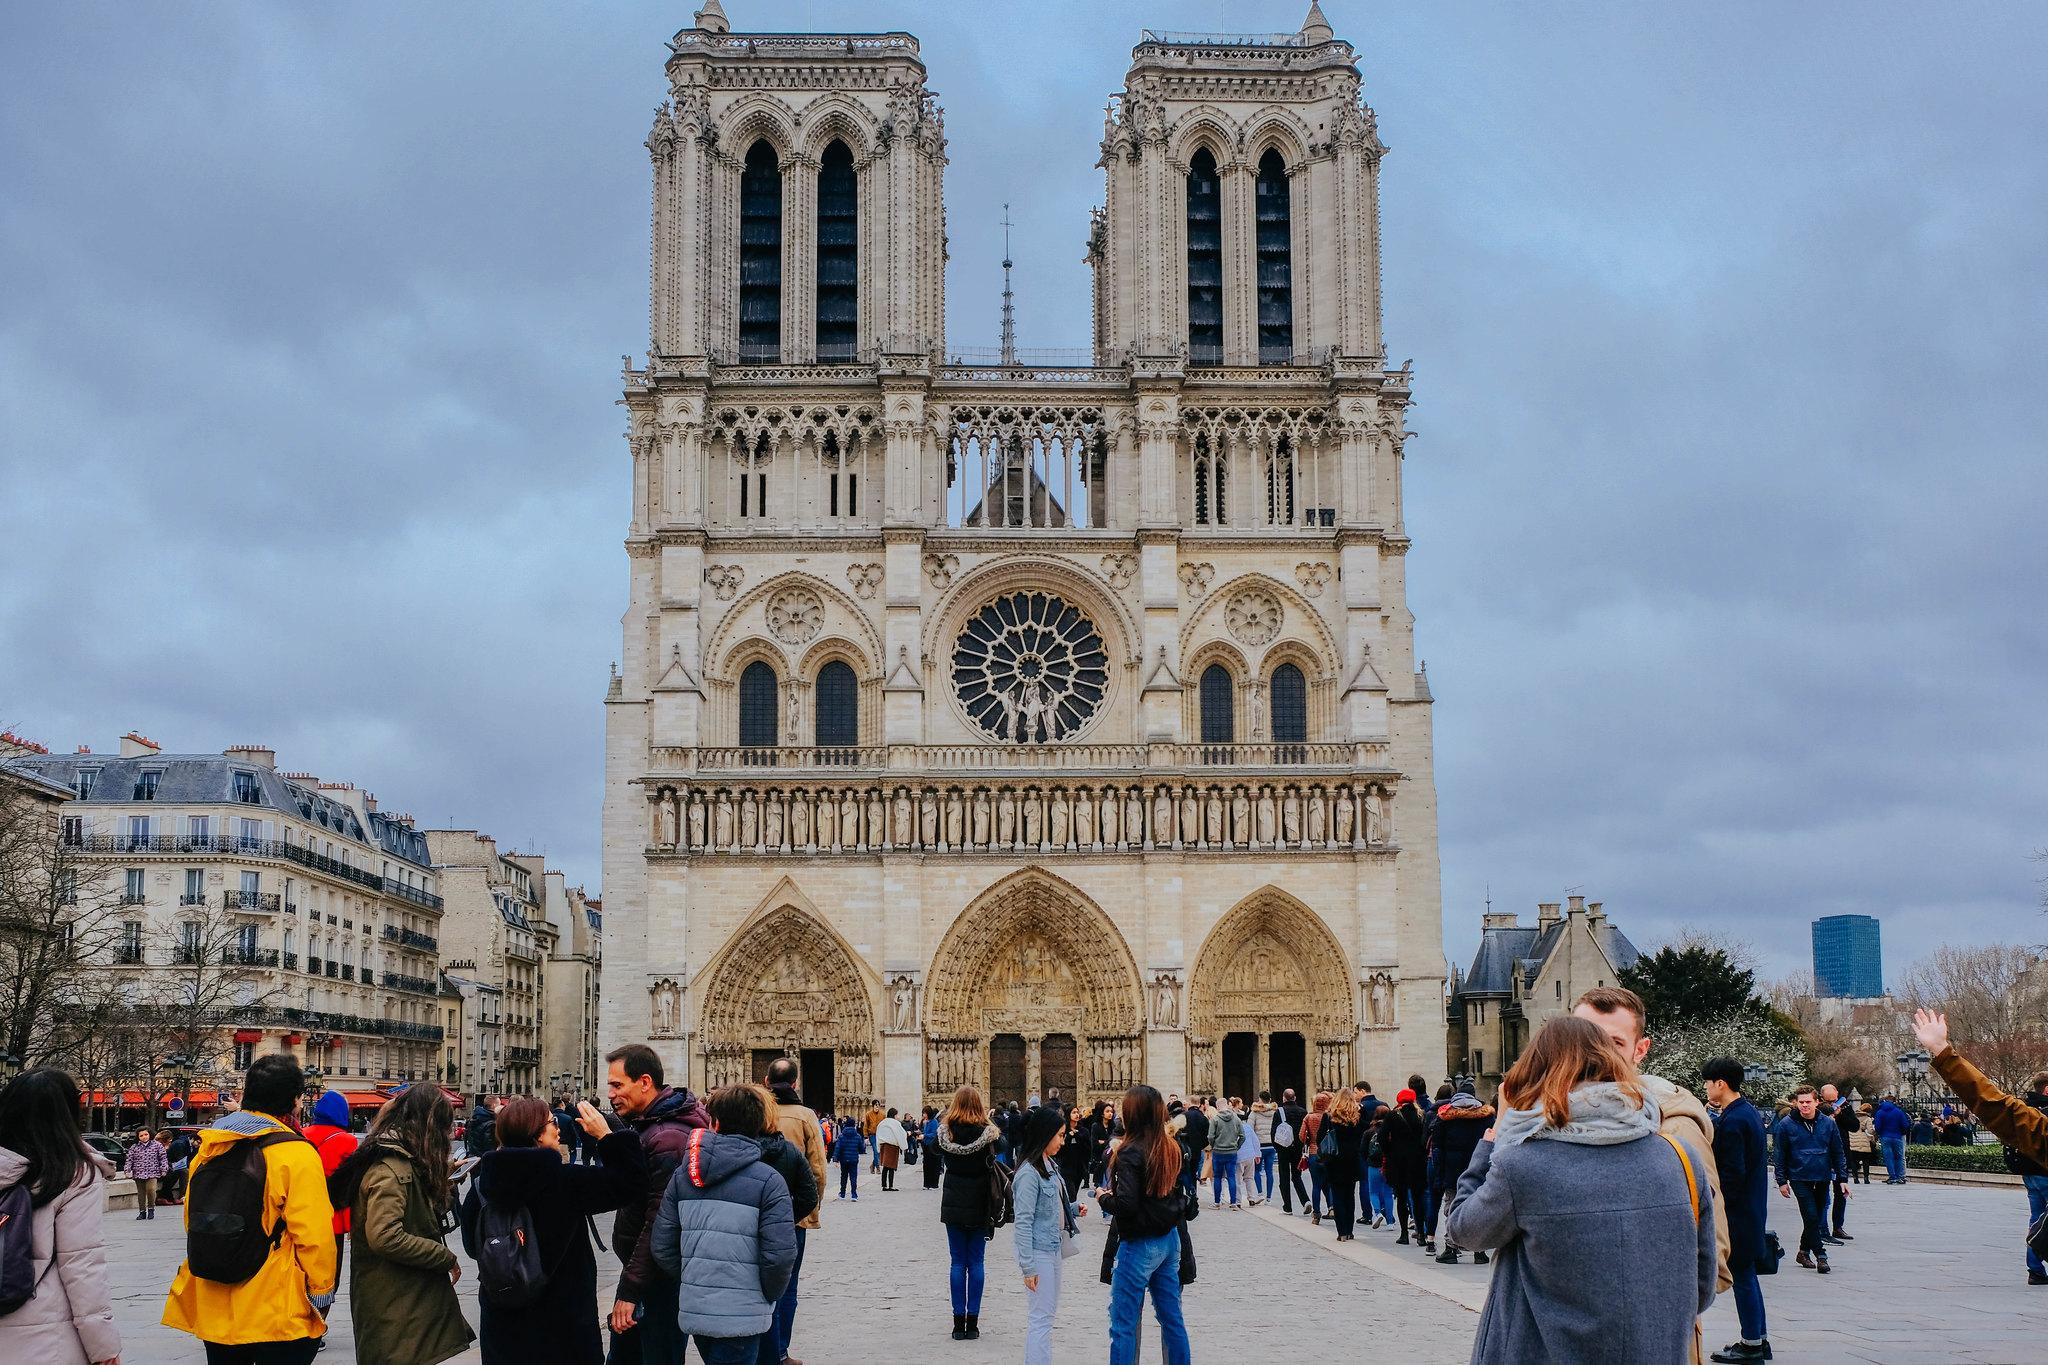 Cathédrale Notre-Dame de Paris, March 2019